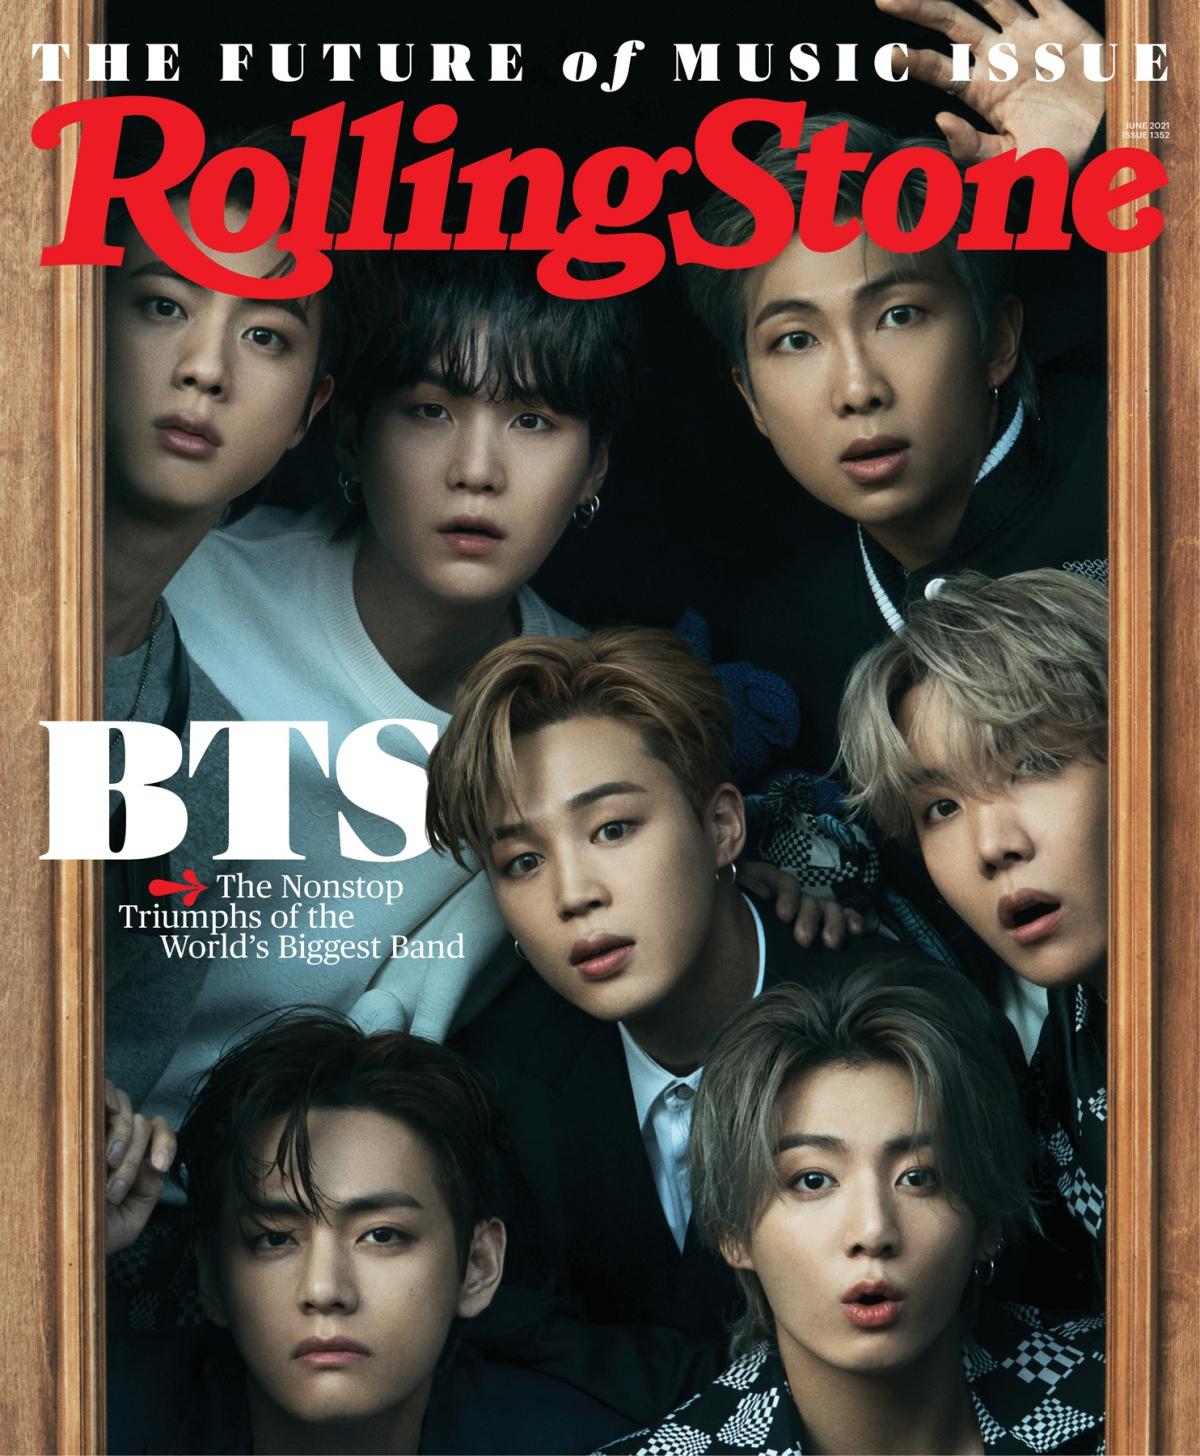 BTS tren trang bìa tạp chí Rolling Stone số tháng 6/2021